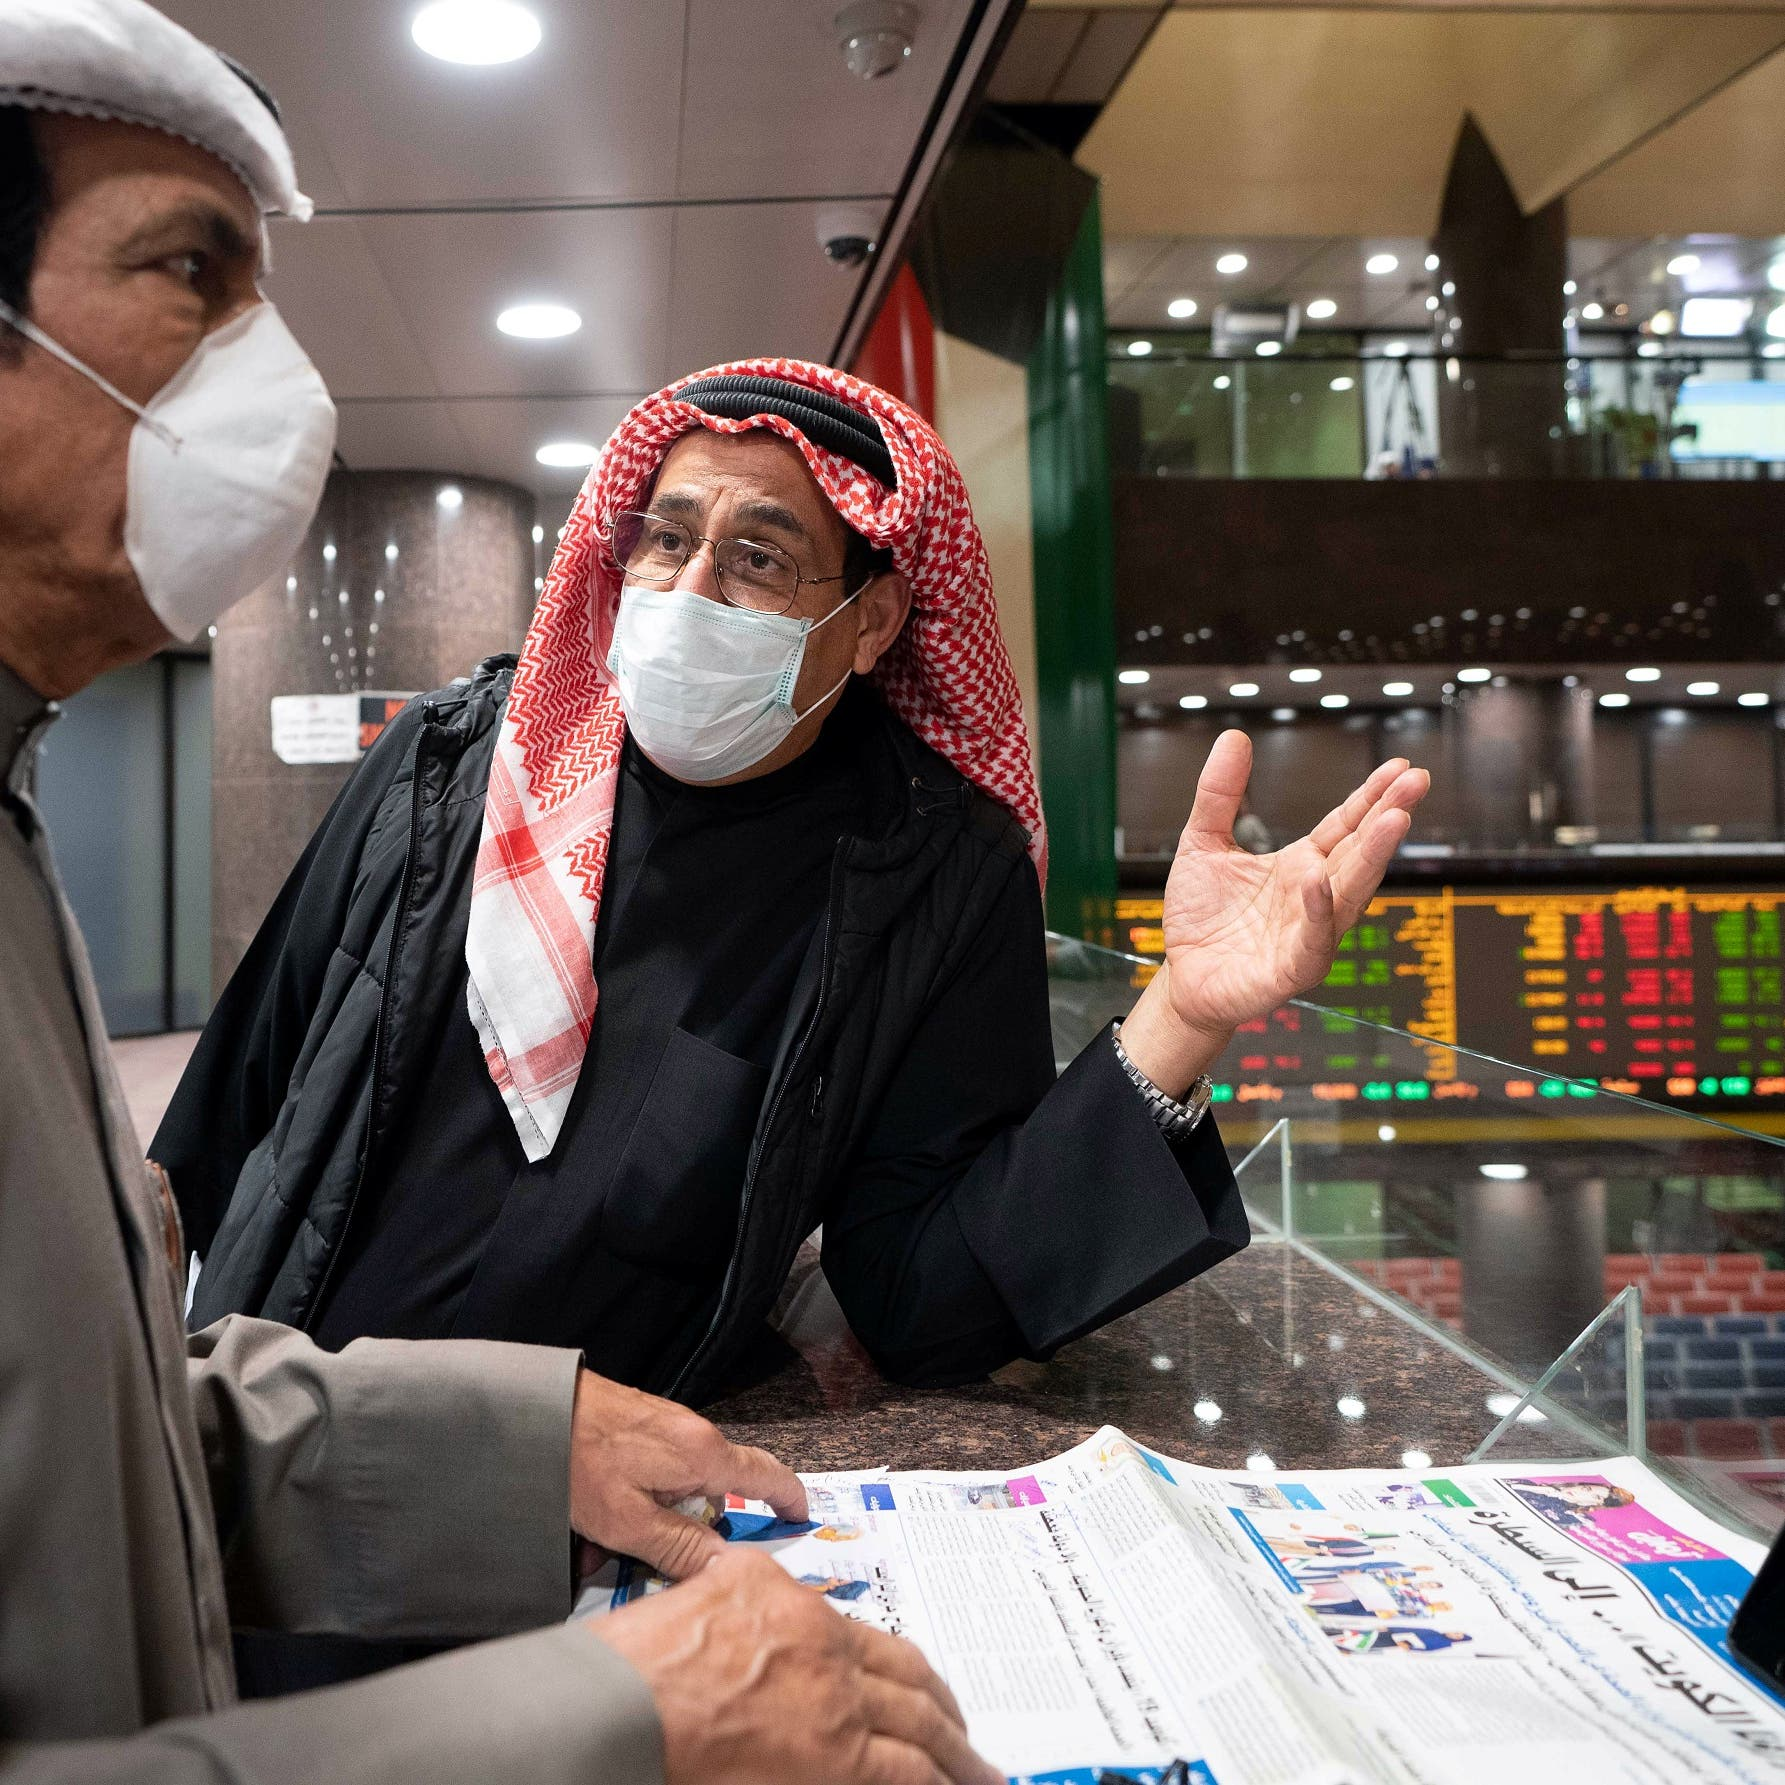 مستشار اقتصادي للعريبة: عوامل محفزة تقود ارتفاع بورصة الكويت